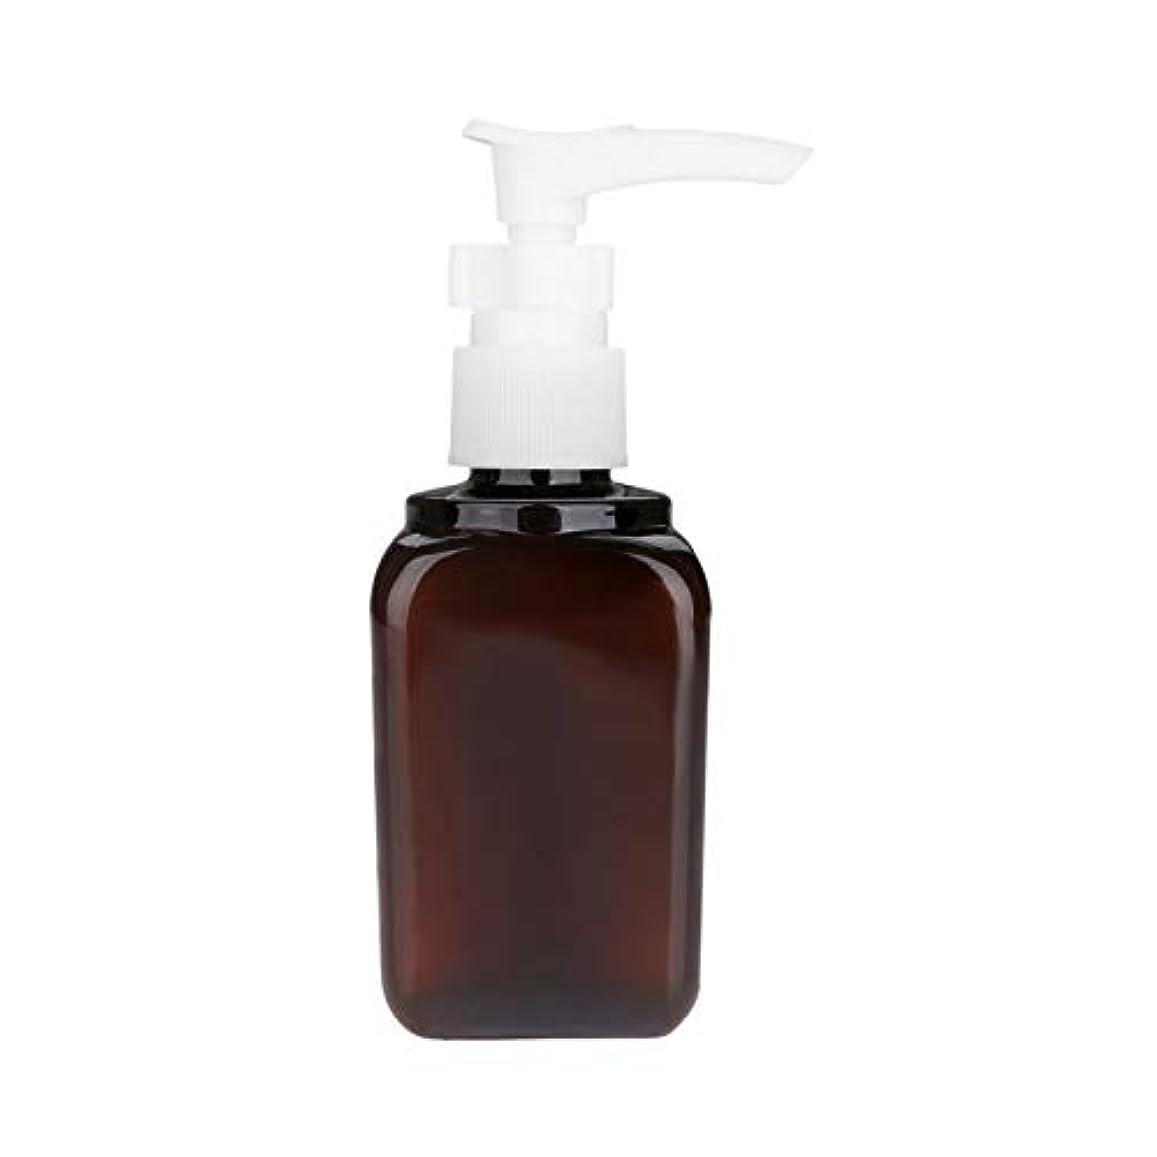 段階支配的パンダ10本 押し式ボトル ポンプ瓶 ポンプボトル 遮光瓶 ドロップポンプ 泡立て 詰め替え シャンプーハンドソープ 茶色 PET製